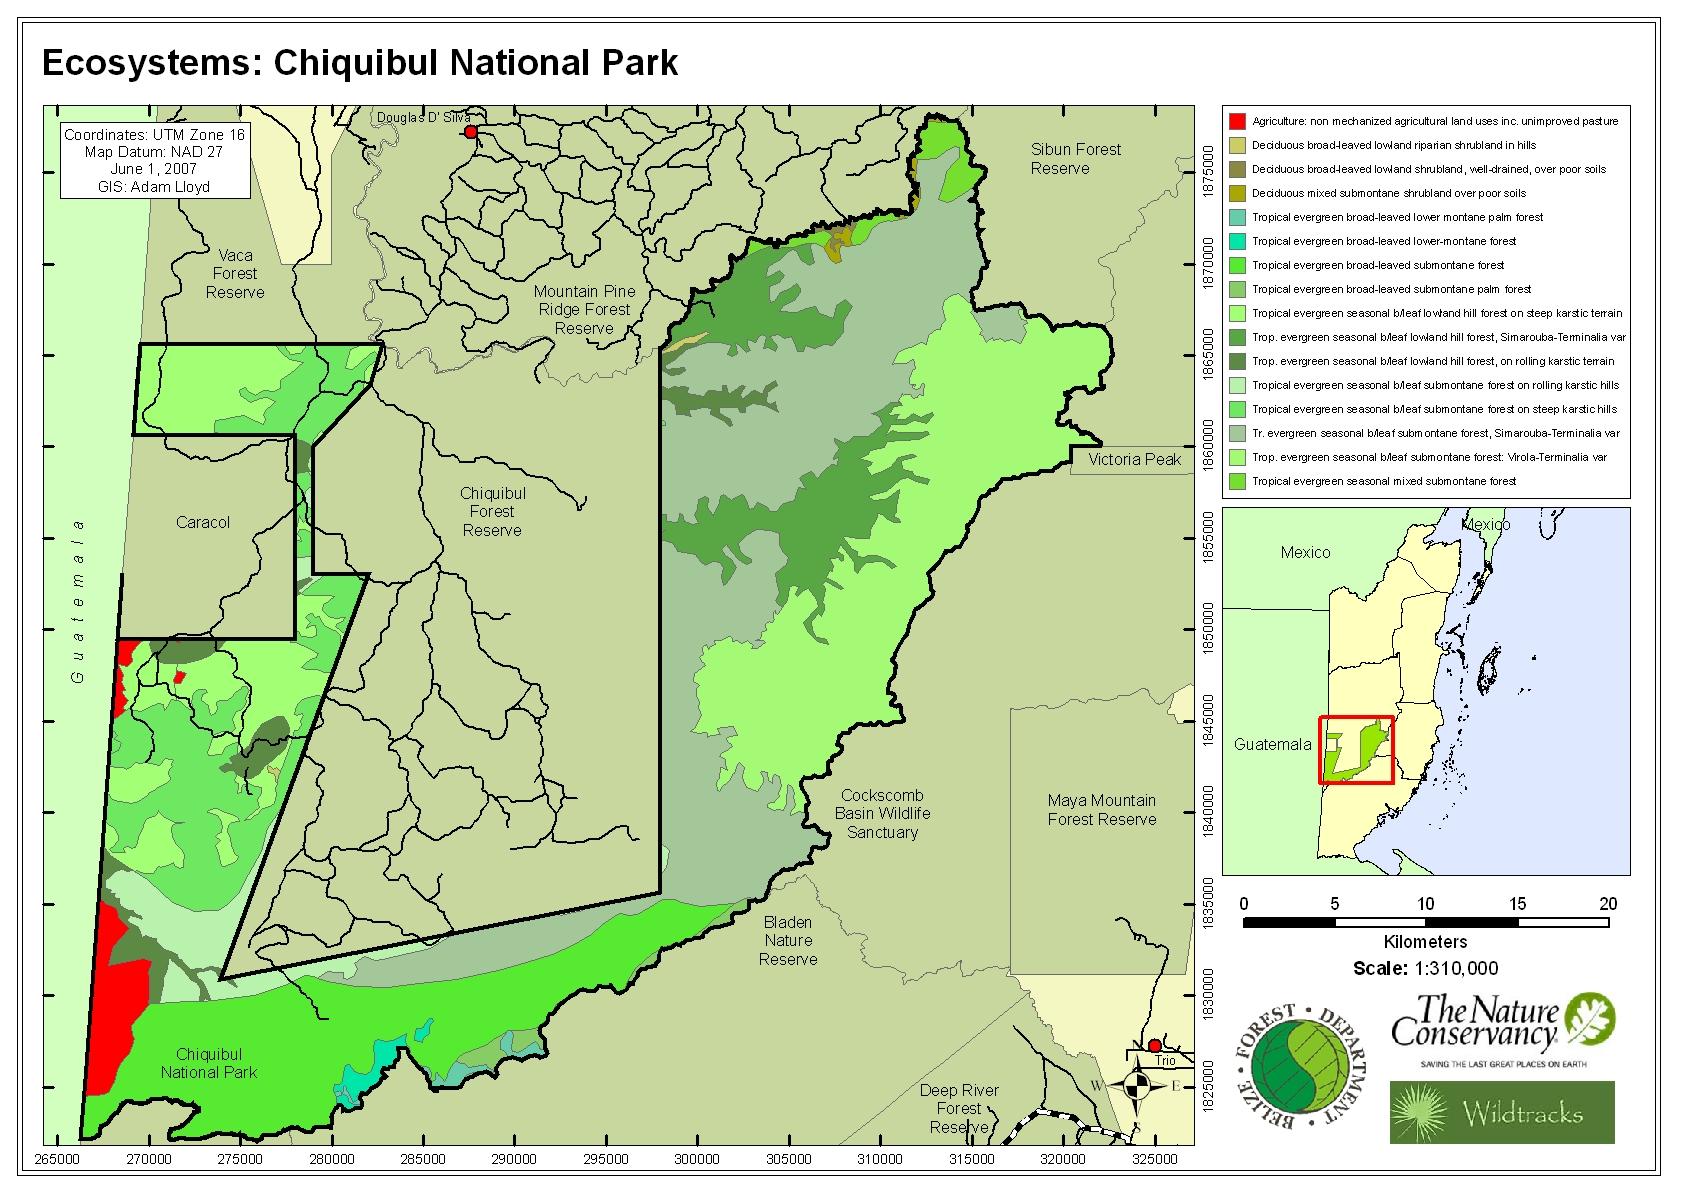 Ecosystems: Chiquibul National Park